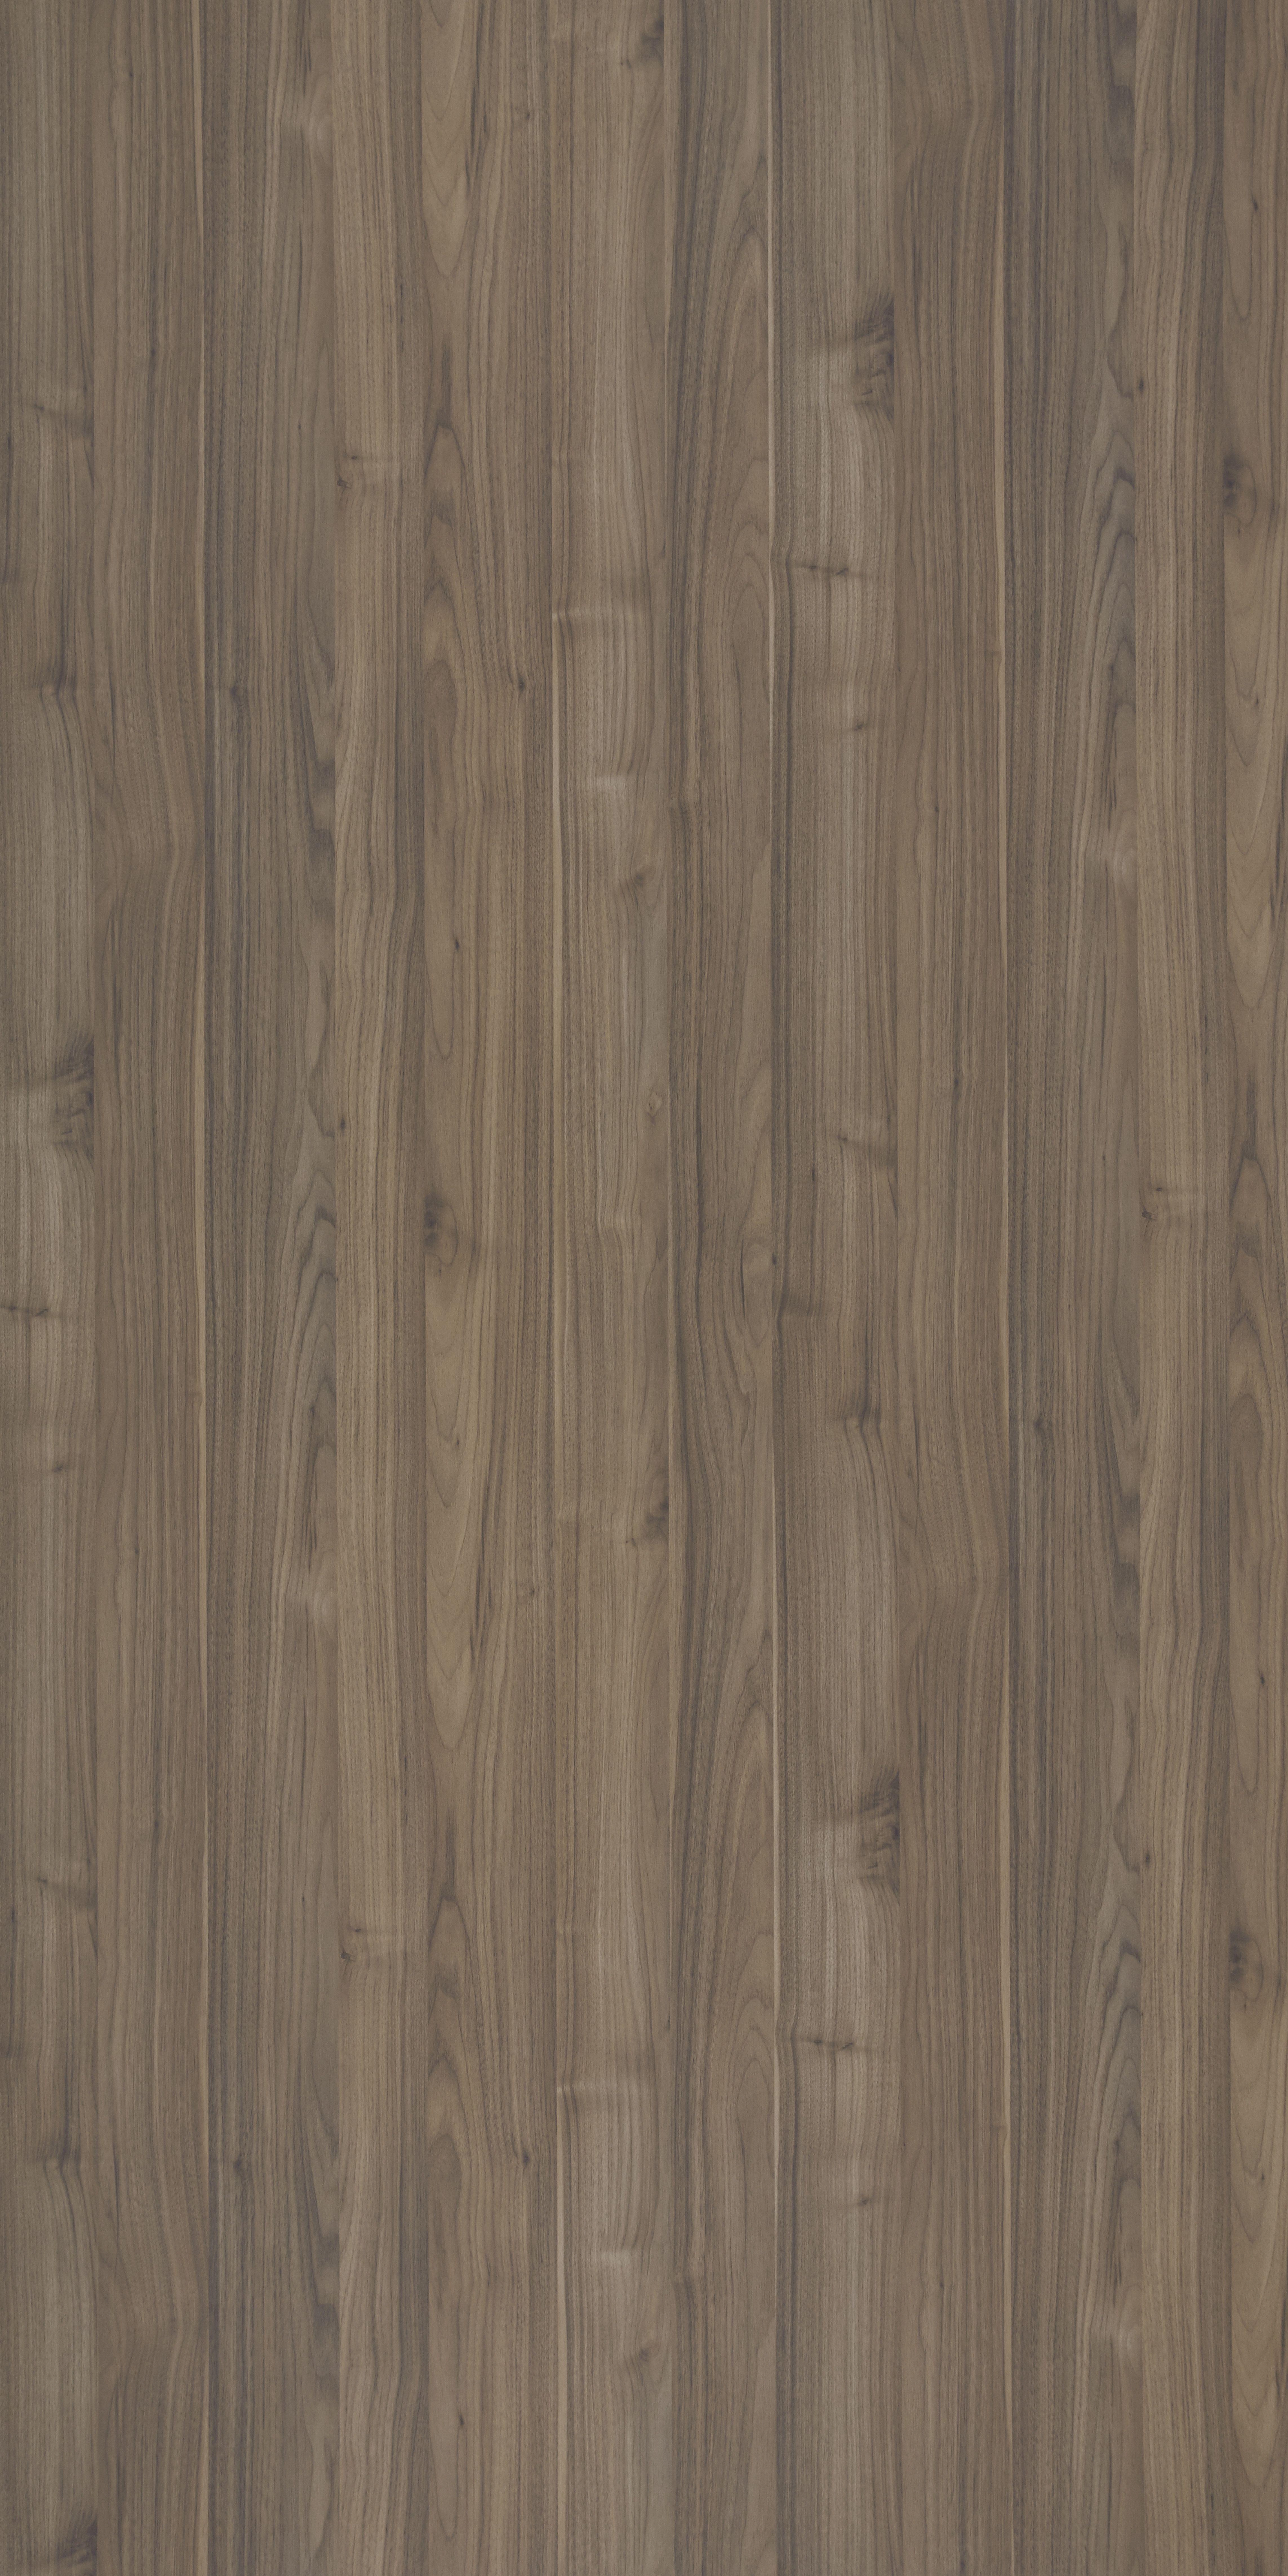 EDLDWE9004LVirginiaWalnut (With images) Walnut wood